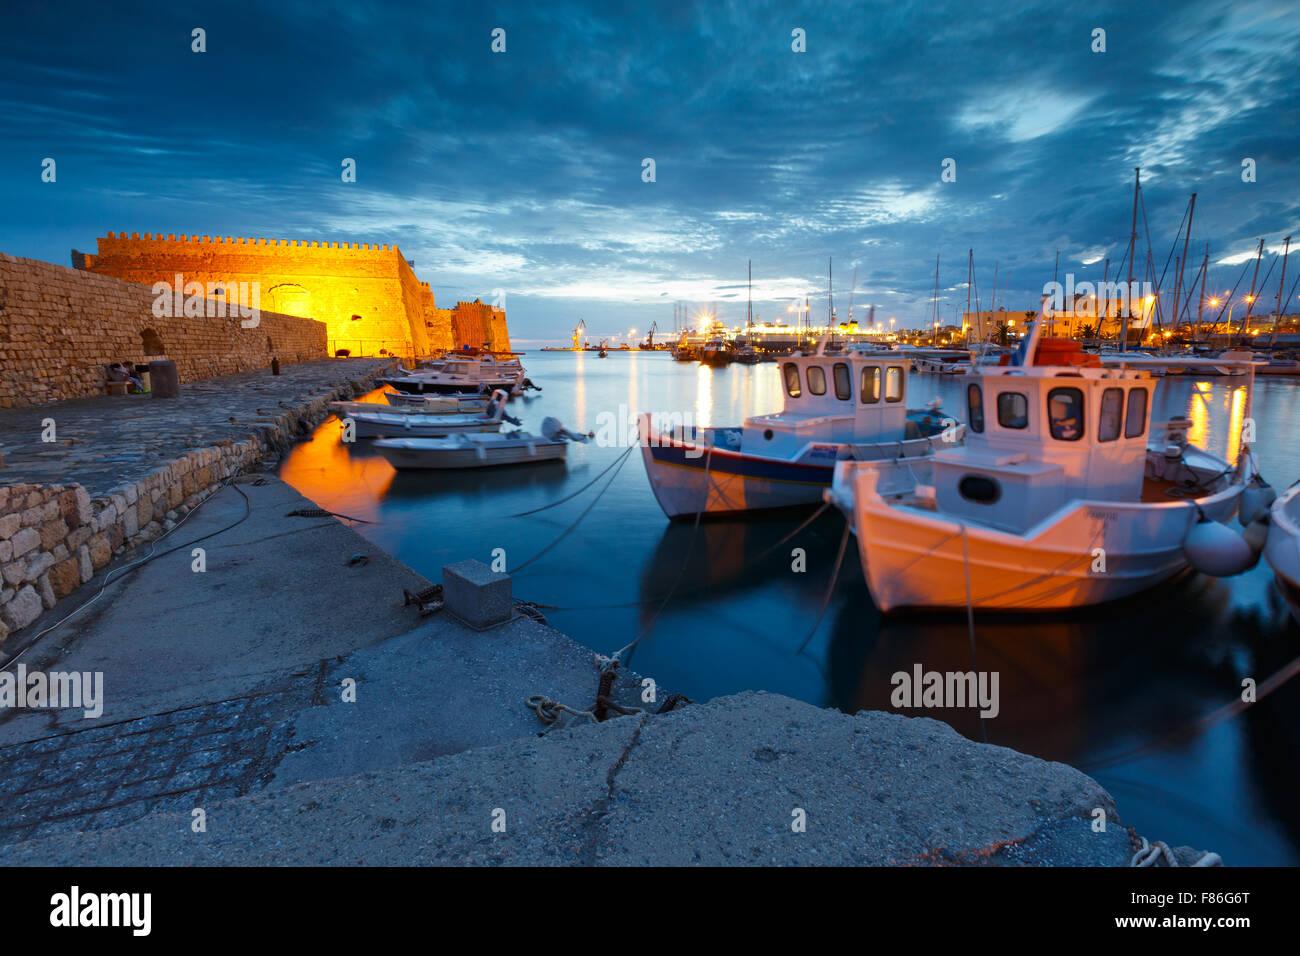 Venezianische Festung im alten Hafen von Heraklion auf Kreta, Griechenland Stockbild